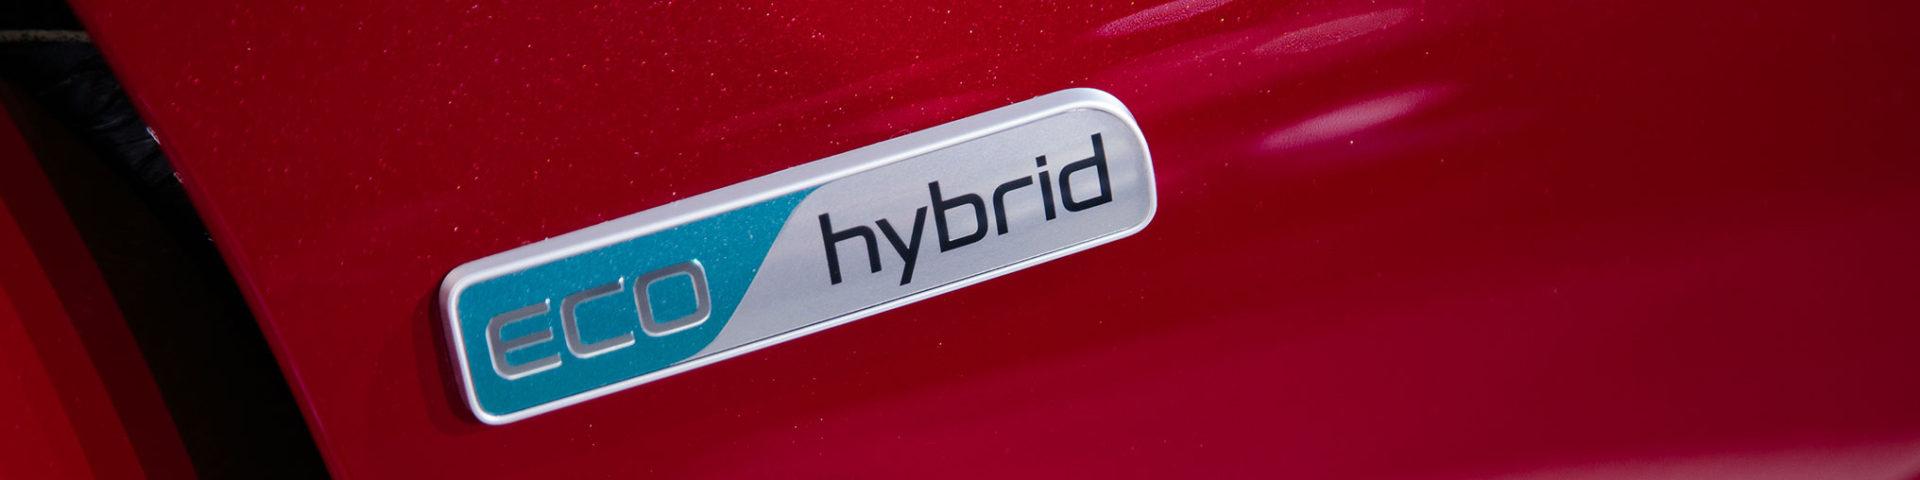 2017 hybrid cars in UK